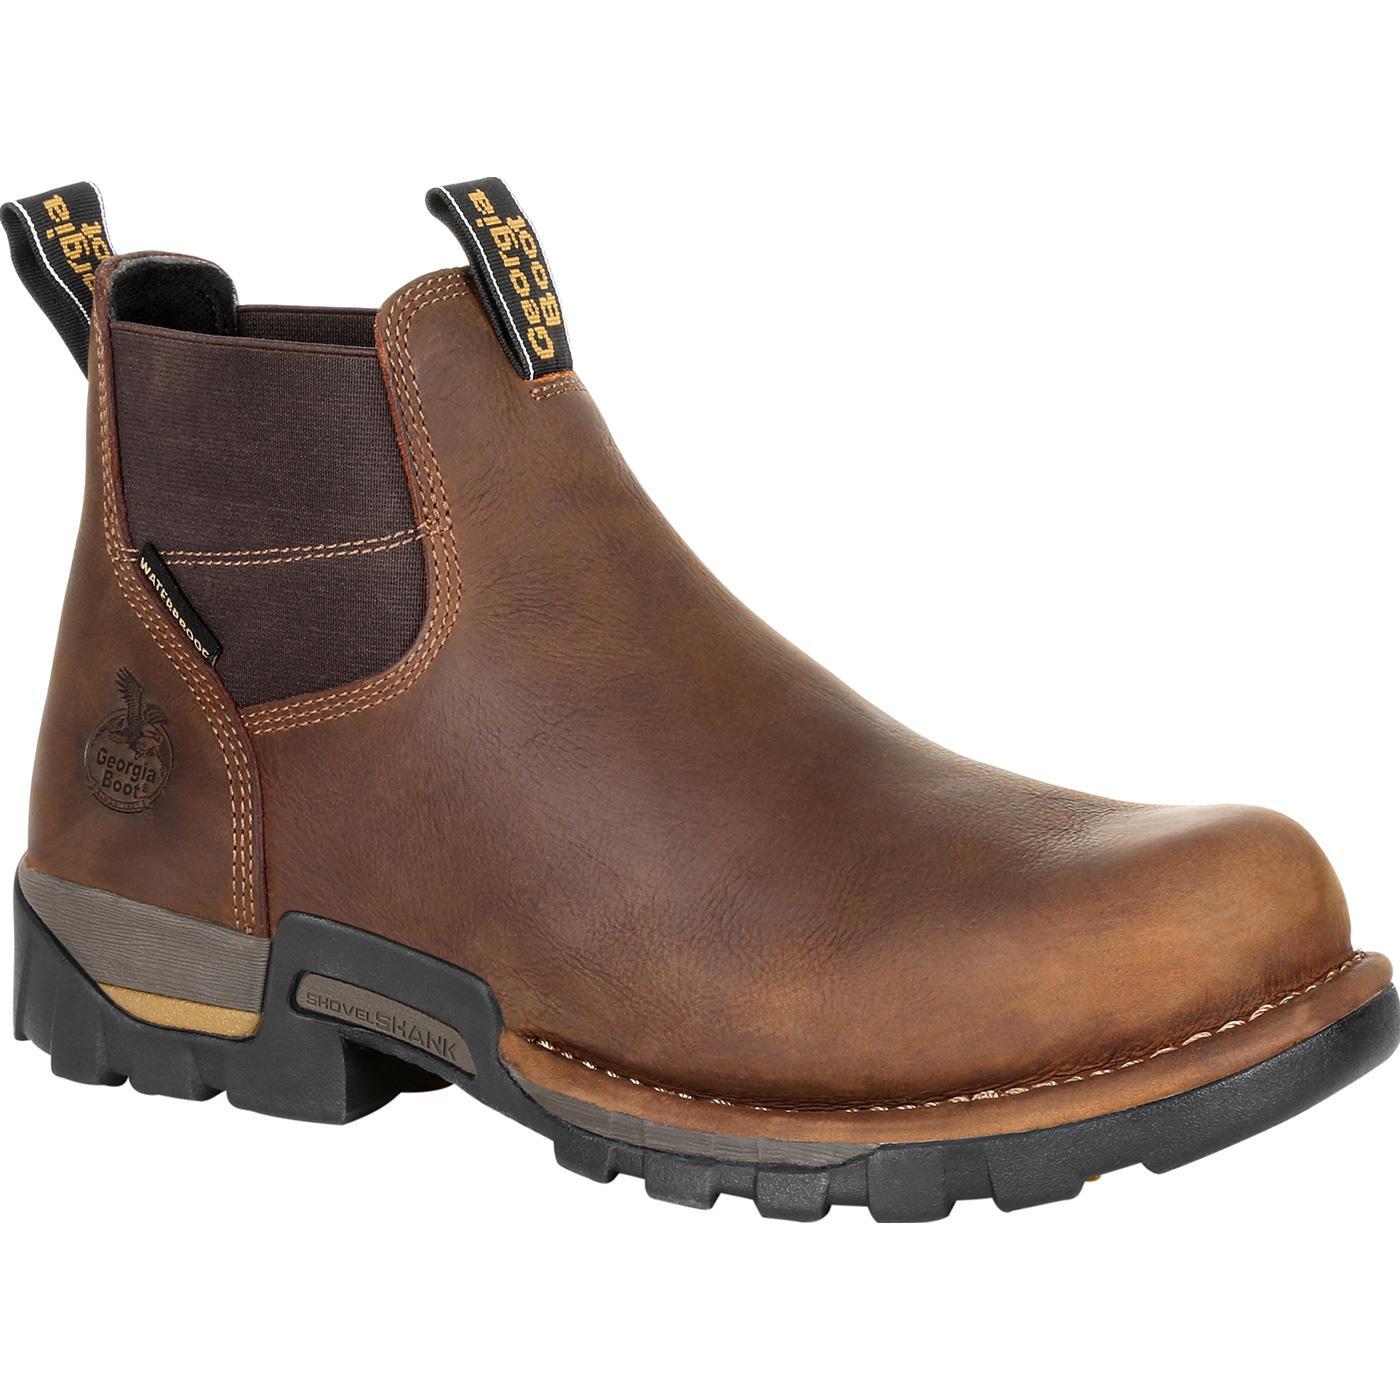 e2cda2181f6 Georgia Boot Eagle One Steel Toe Waterproof Chelsea Work Boot